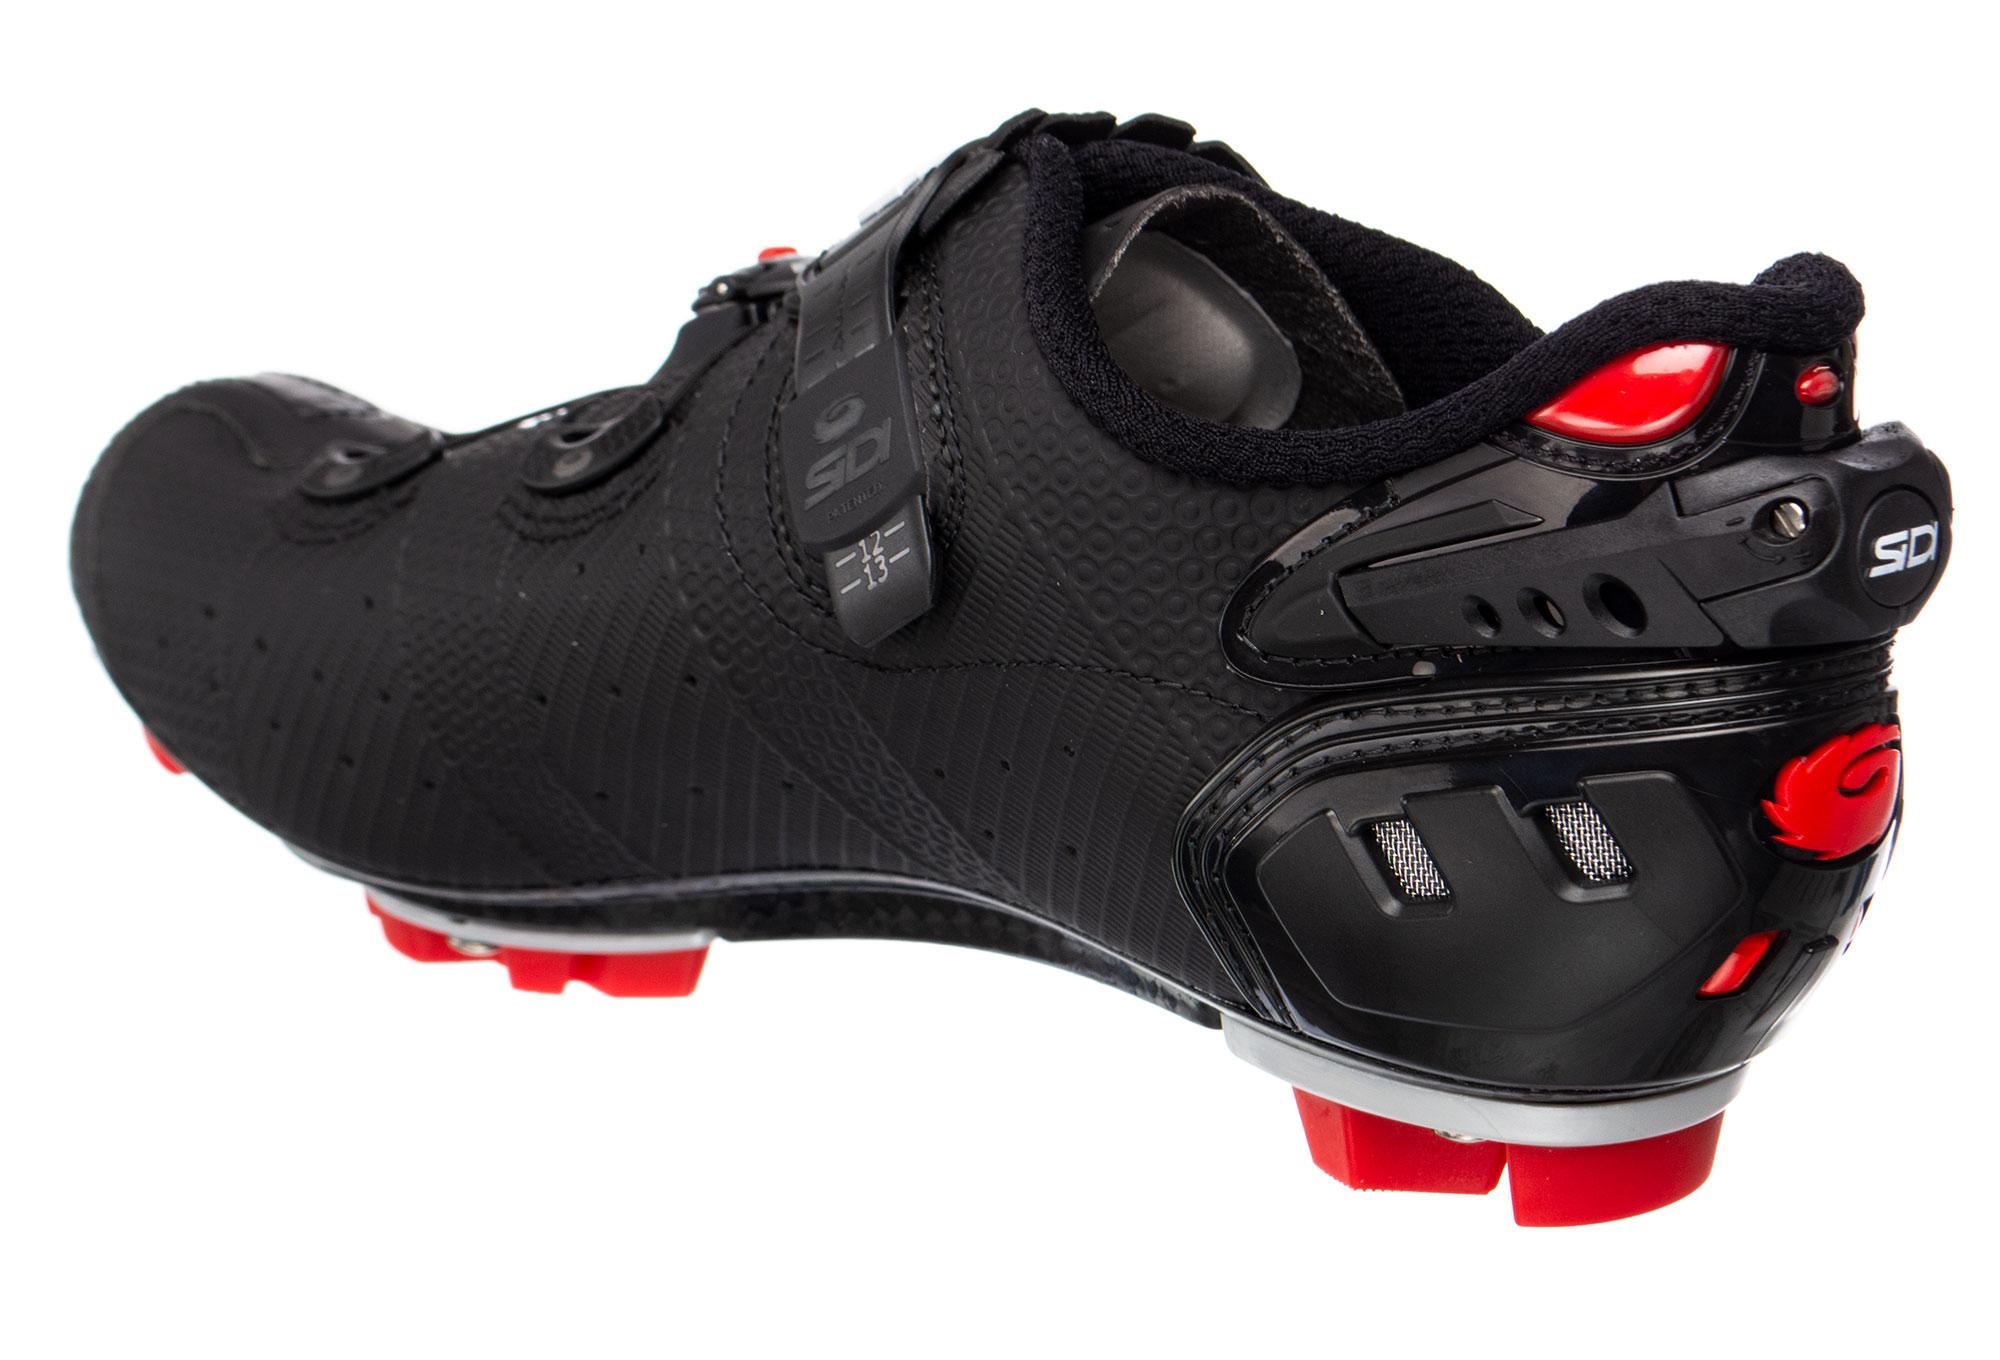 59e79613348 Sidi Drako 2 SRS MTB Shoes Matte Black | Alltricks.com